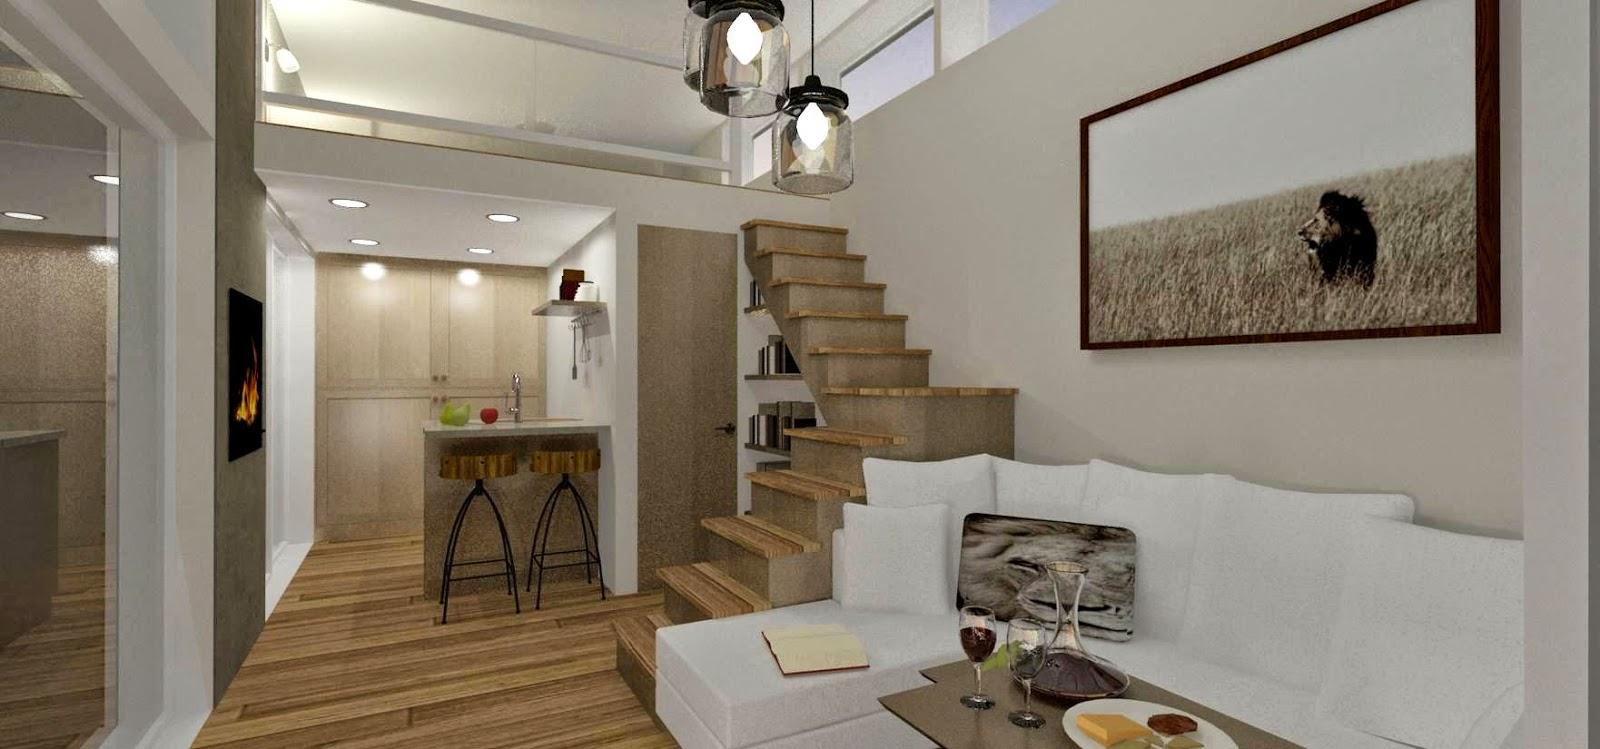 Dreams & coffees arkitekt  och projektblogg: nu kan du köpa ...